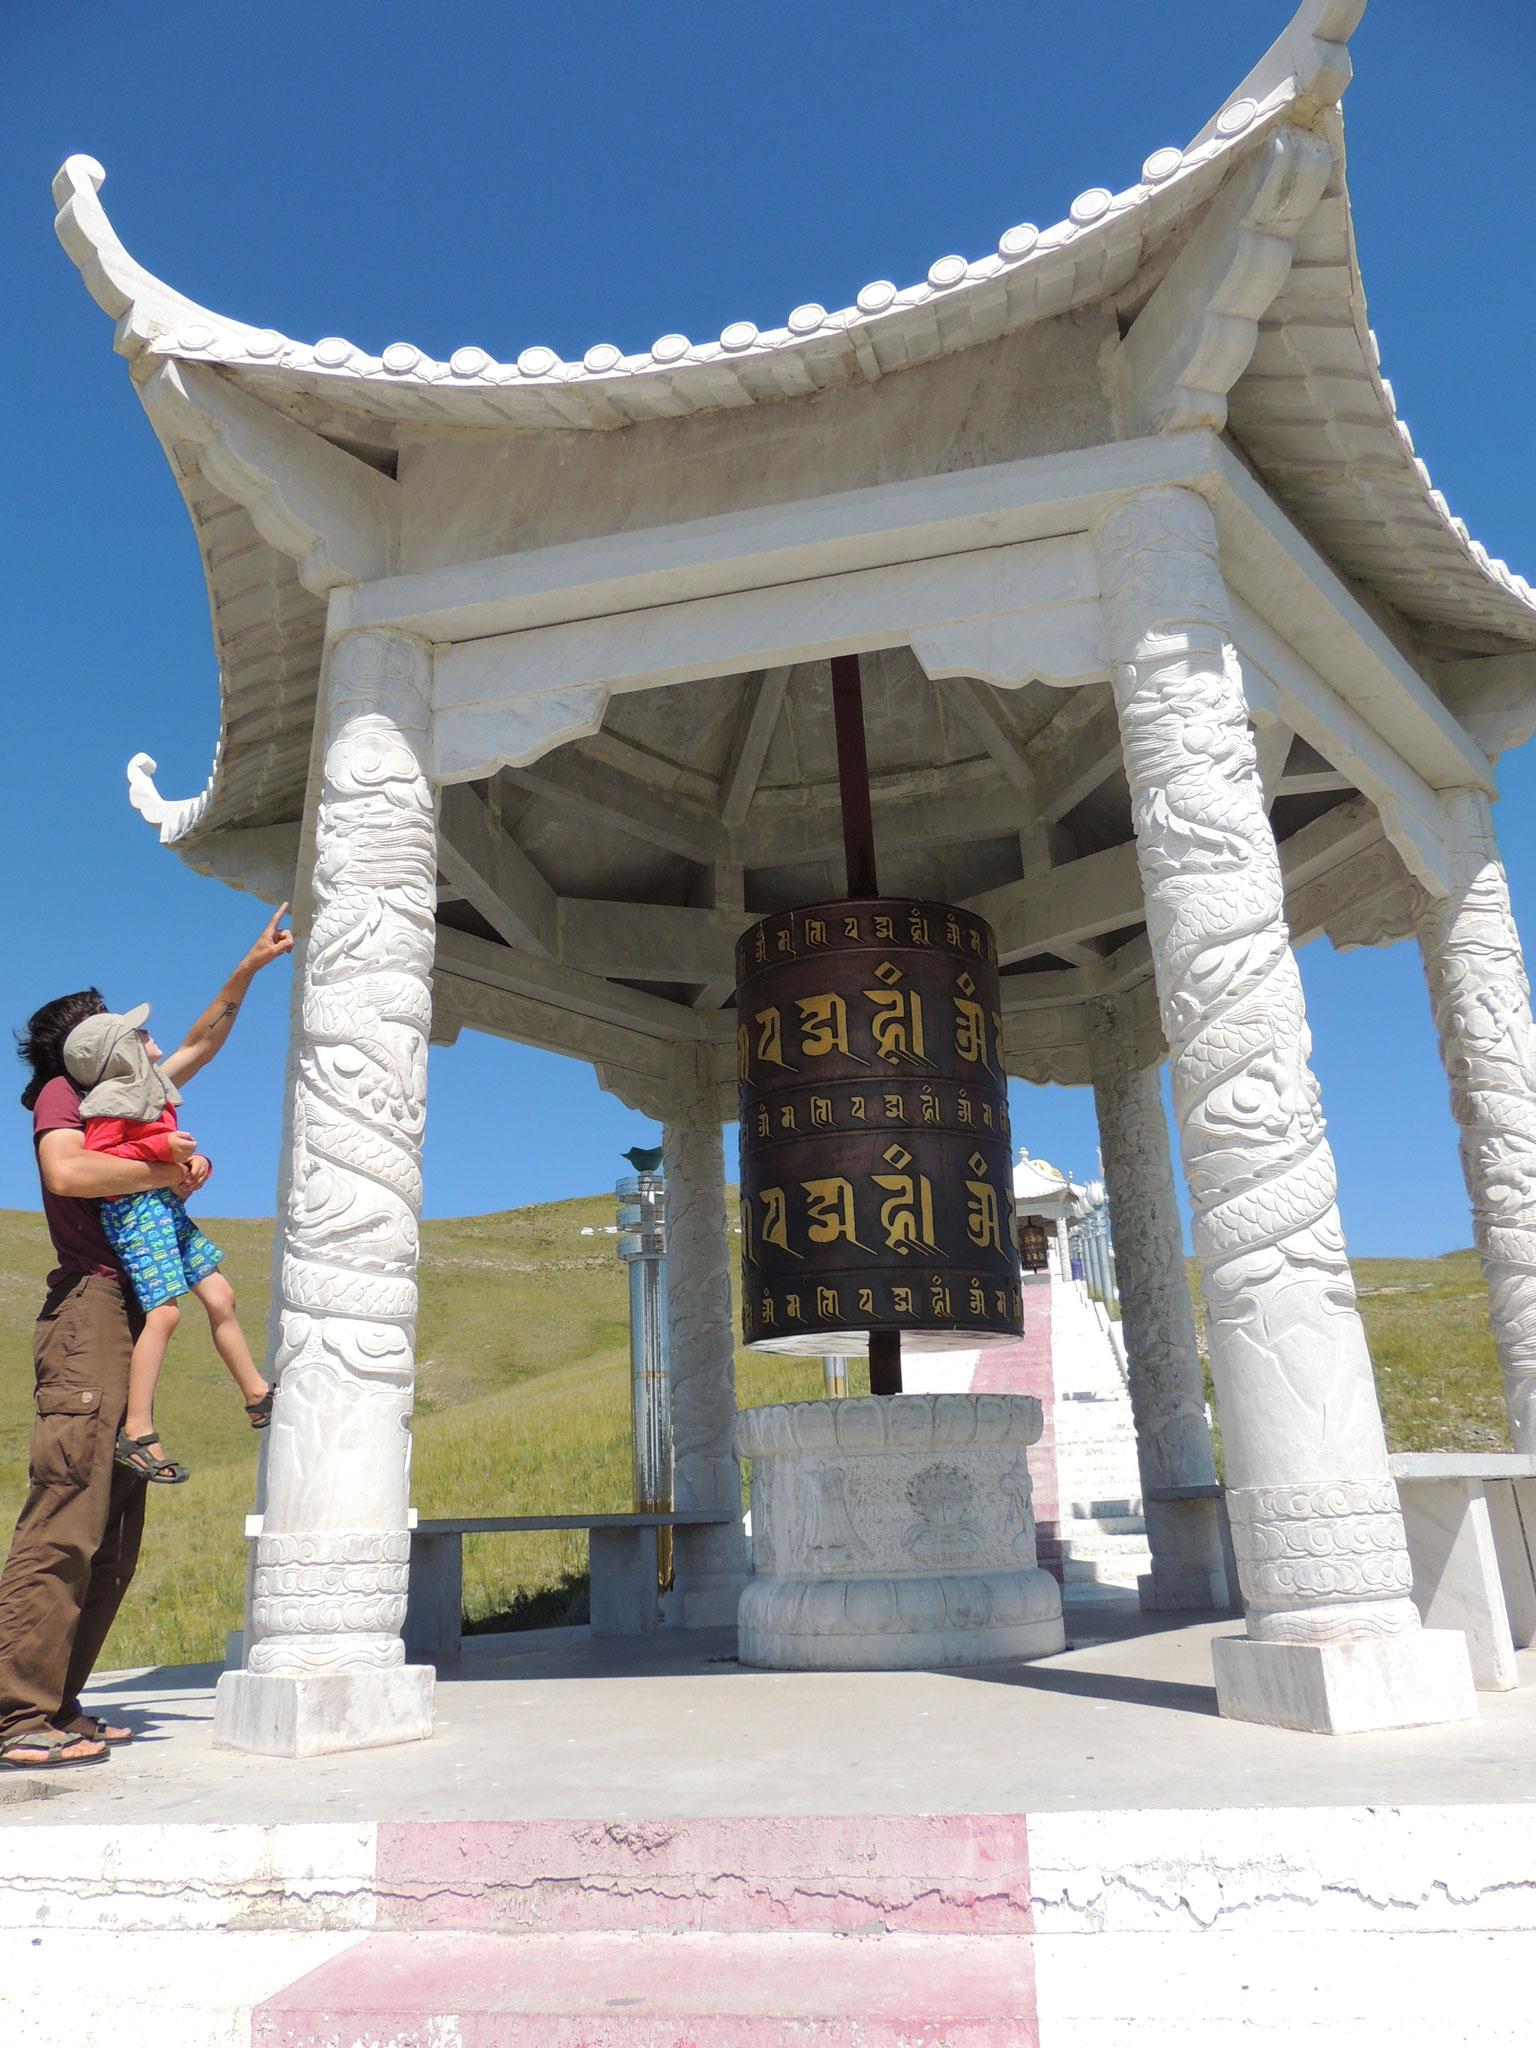 Drachen an buddhistischer Gebetsmühle